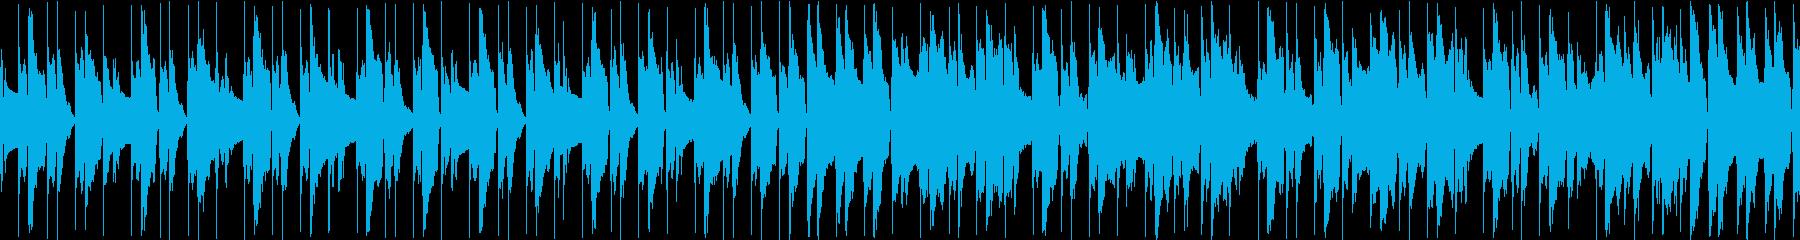 日常のほんわかした曲、パズルゲームの再生済みの波形